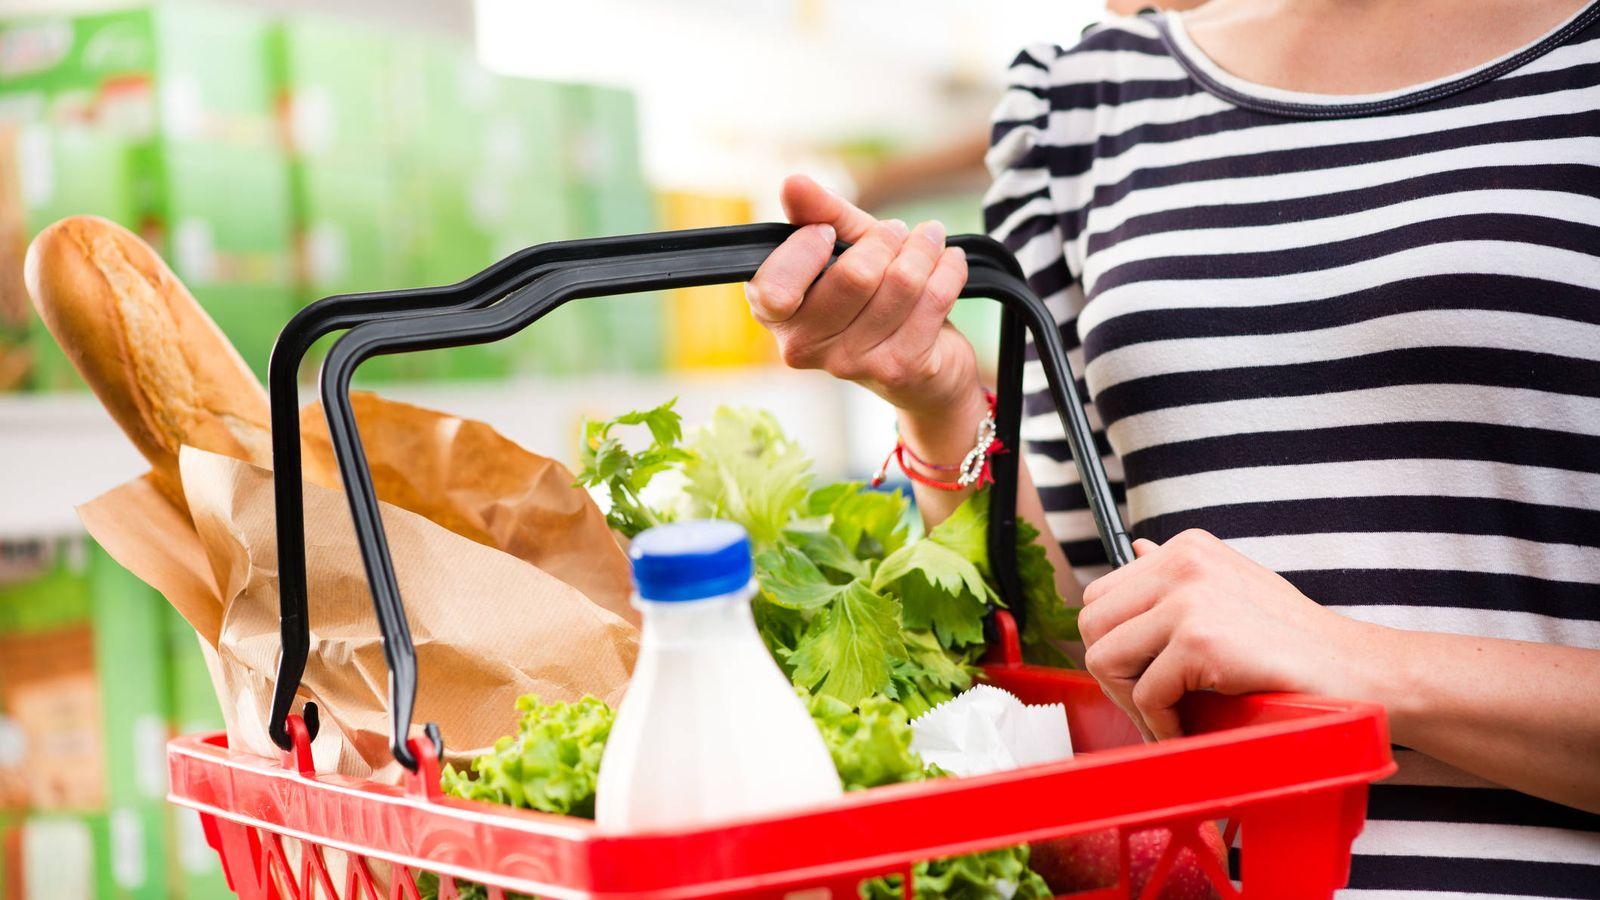 Amigo pastor gemelo  Tendencias de consumo: Cómo llenar la cesta de la compra para sobrevivir a  la cuesta de enero